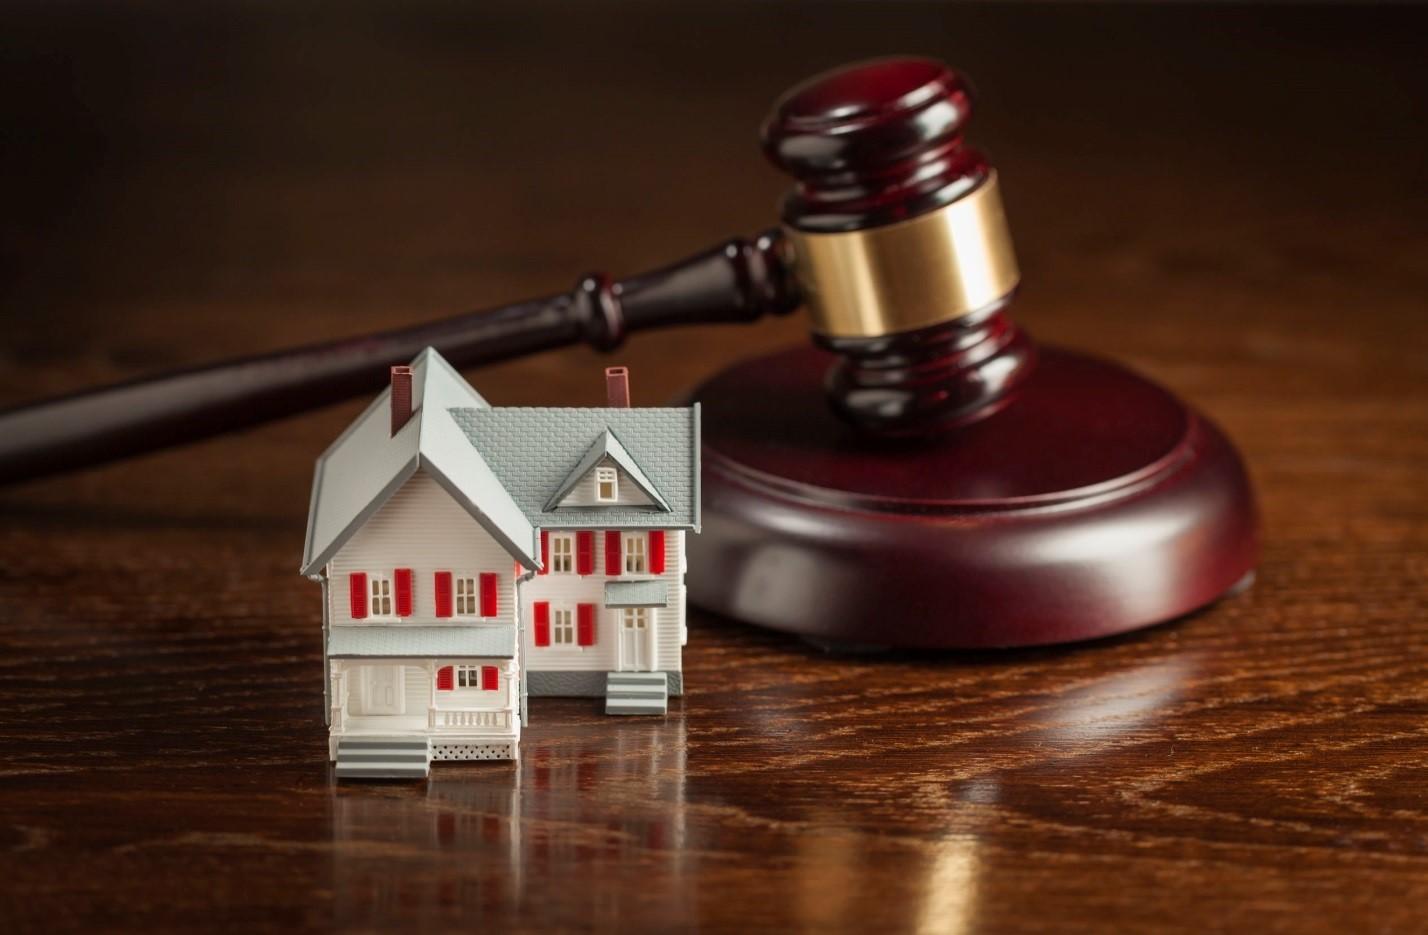 судебная практика раздел имущества супругов срок давности ничего почувствуешь